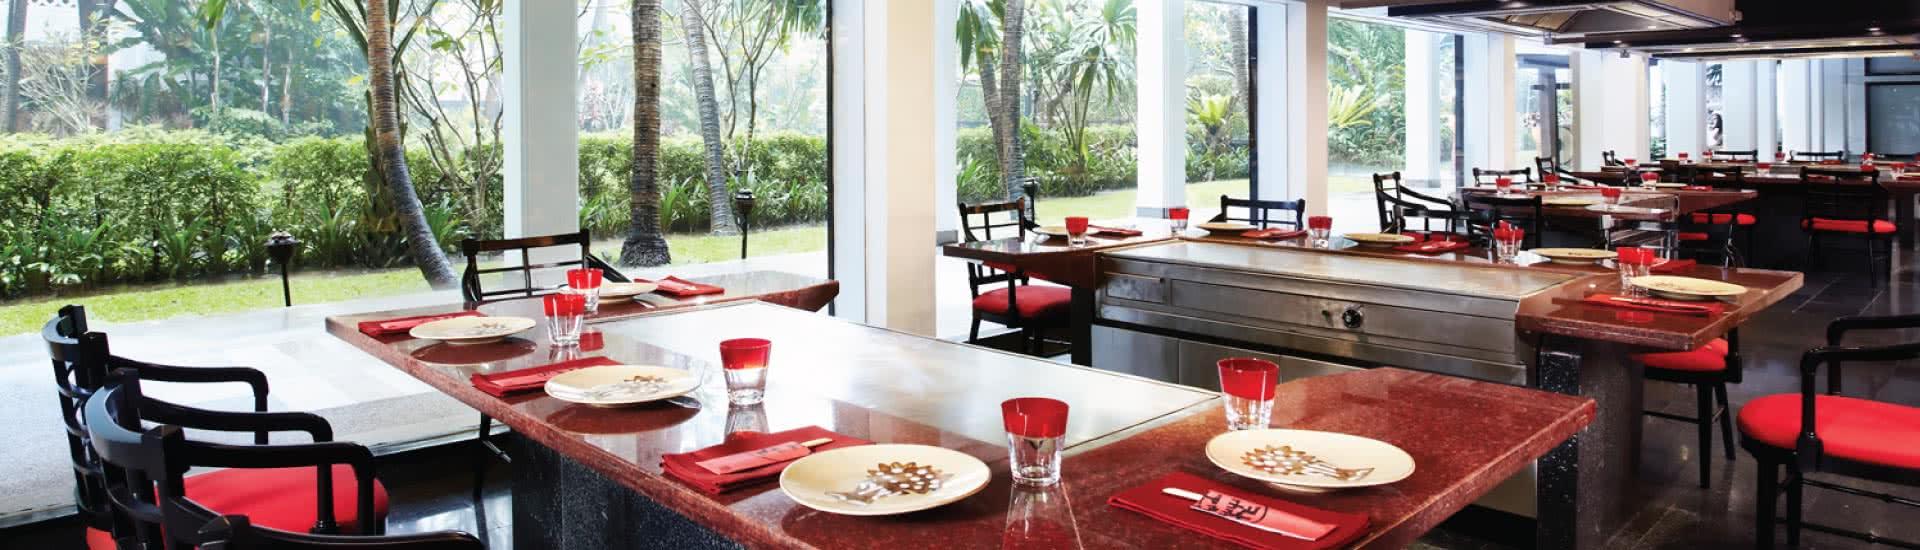 Japanese Restaurants Riverside Benihana Bangkok Restaurant